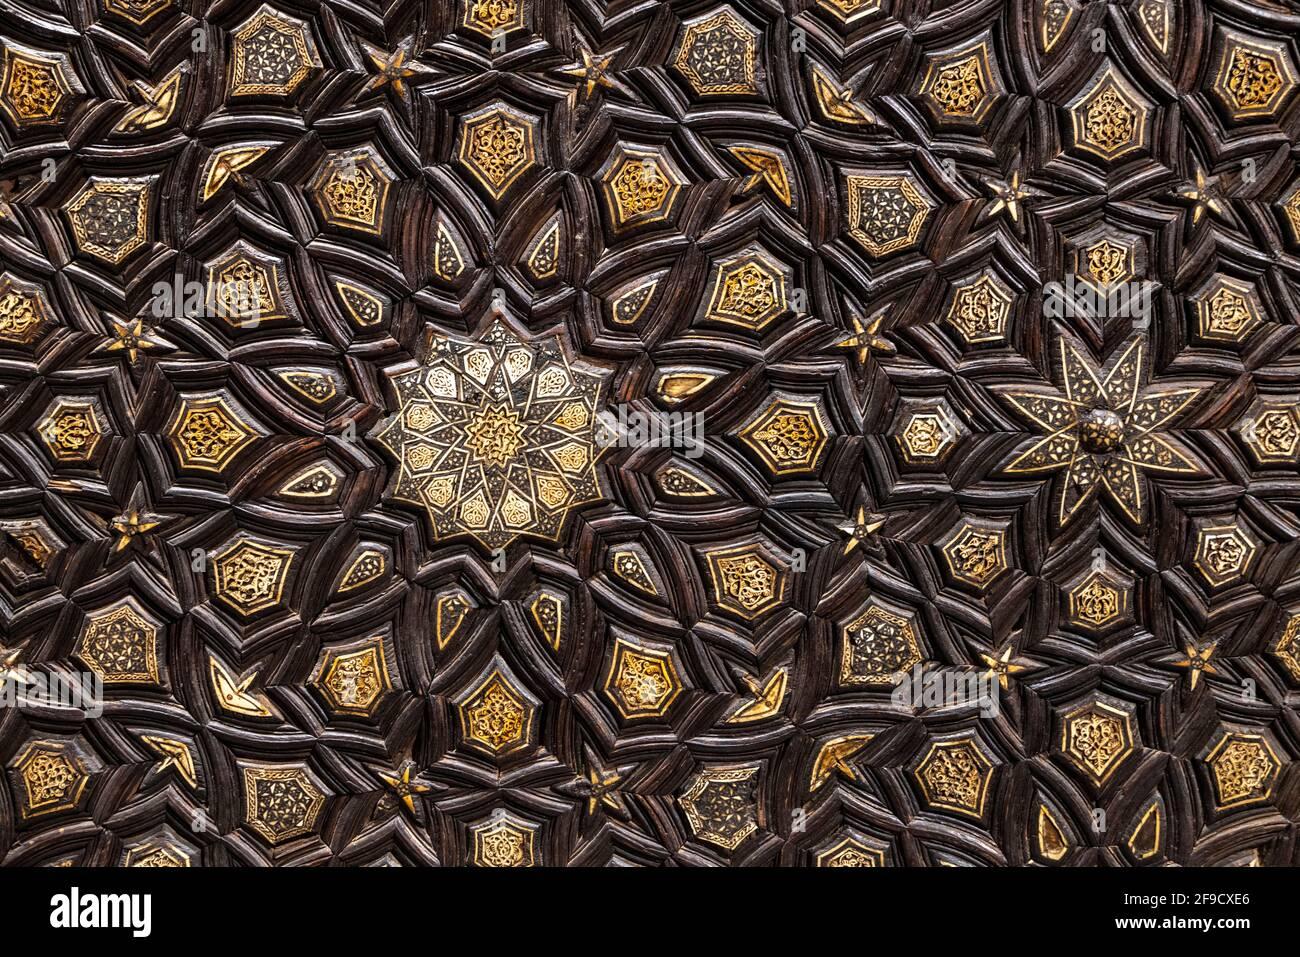 Detail, 15ème siècle, Mamluk minbar, complexe d'Abu Bakr ibn Muzhir, le Caire, Egypte, maintenant dans le Musée national de la civilisation égyptienne, Fustat, le Caire Banque D'Images